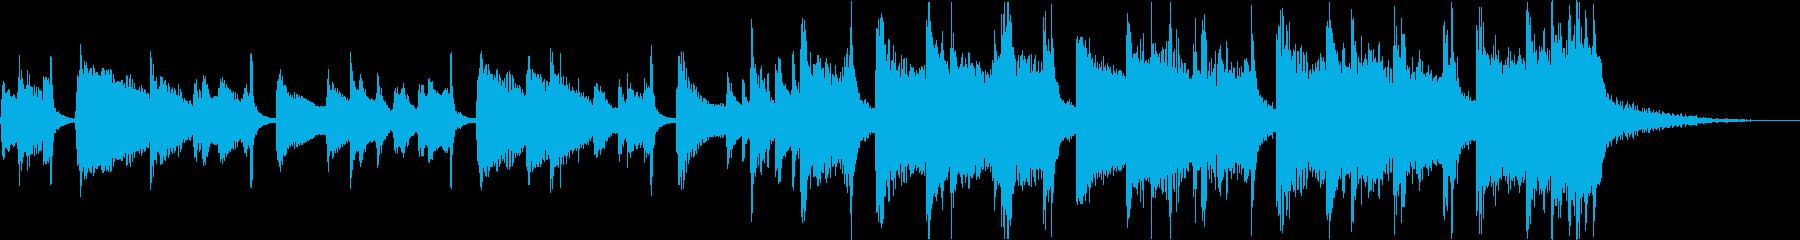 アコギヒップホップ感動洋楽コーポレートdの再生済みの波形